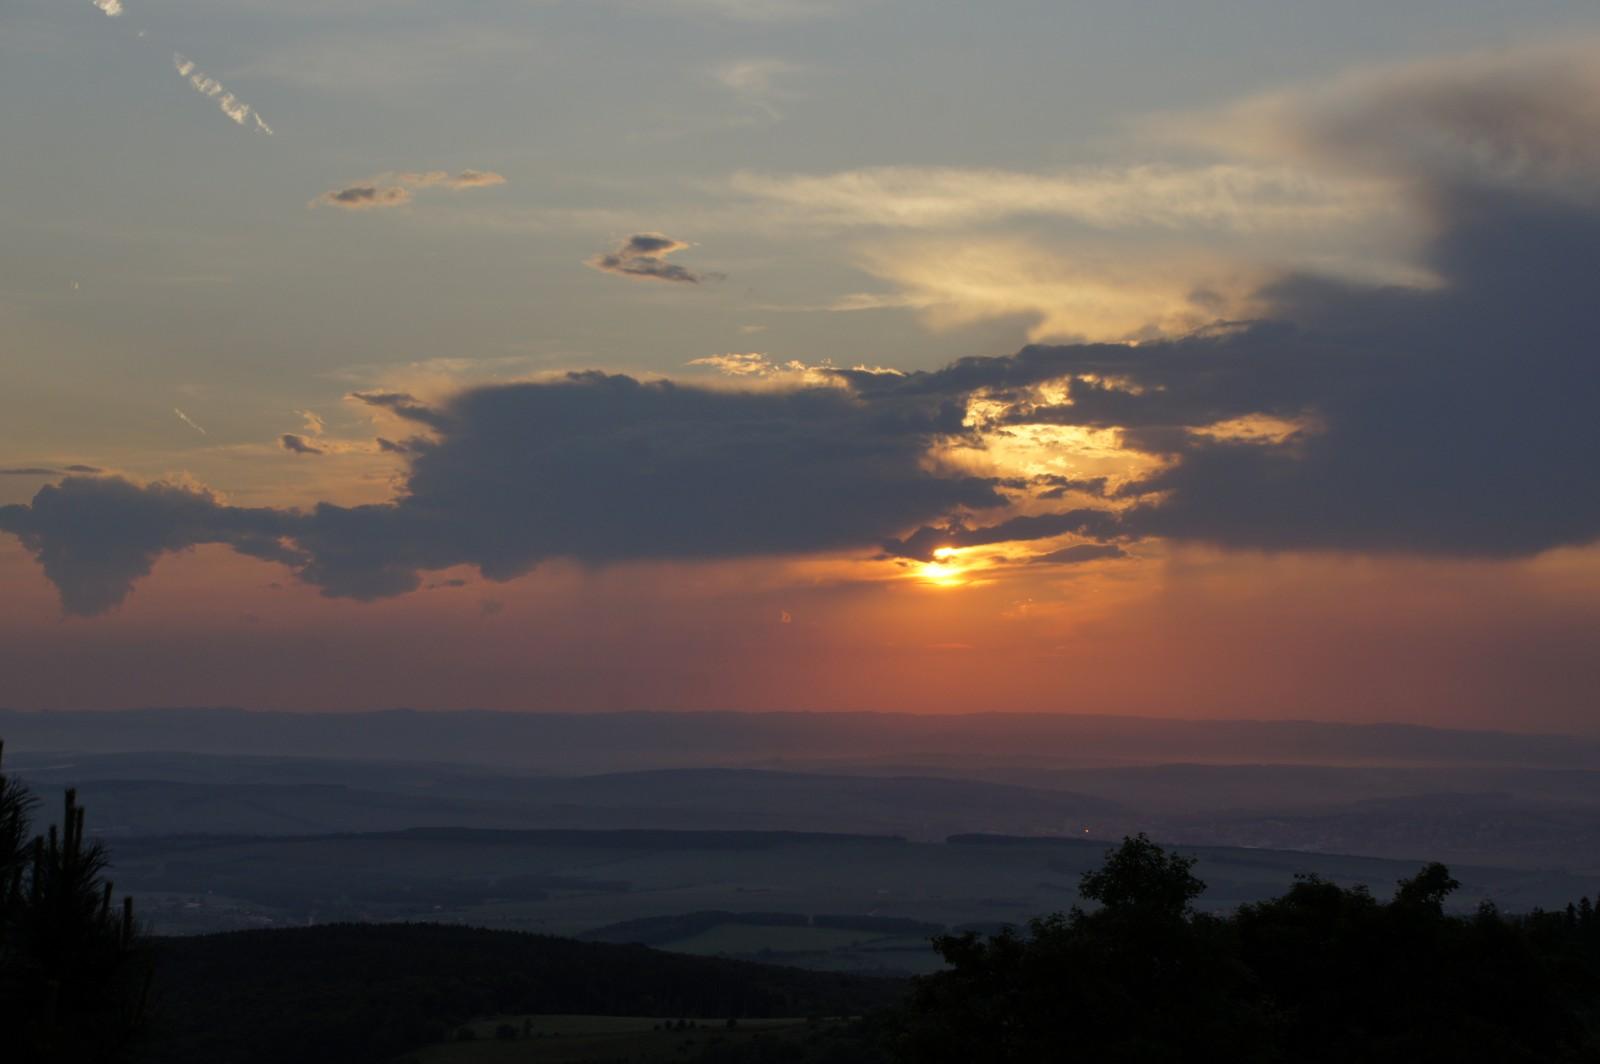 Západ slunce na Mikulčině vrchu